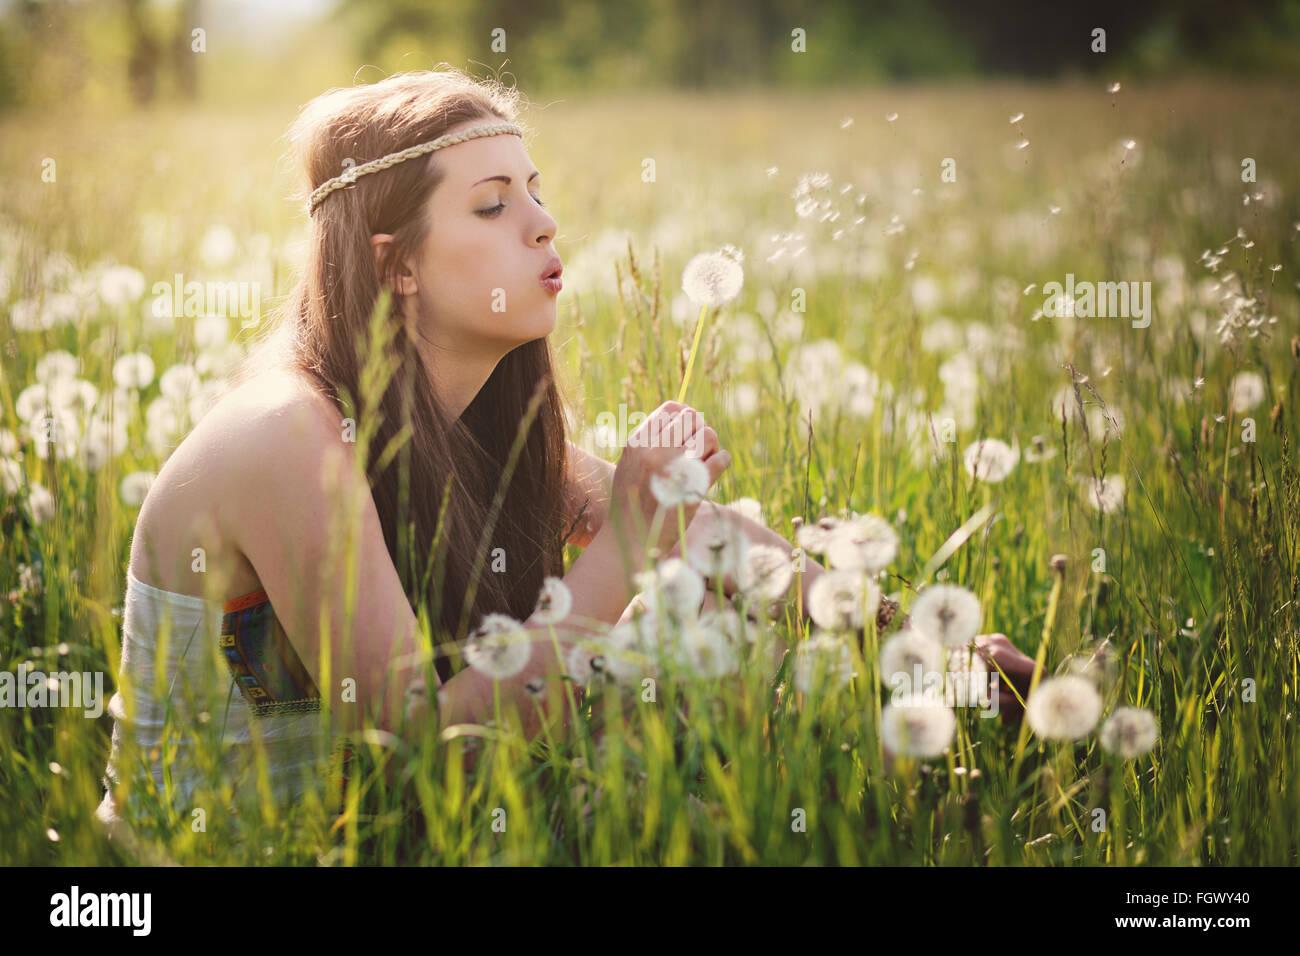 Bella donna hippie soffiaggio di fiori di tarassaco. L'armonia della natura Foto Stock